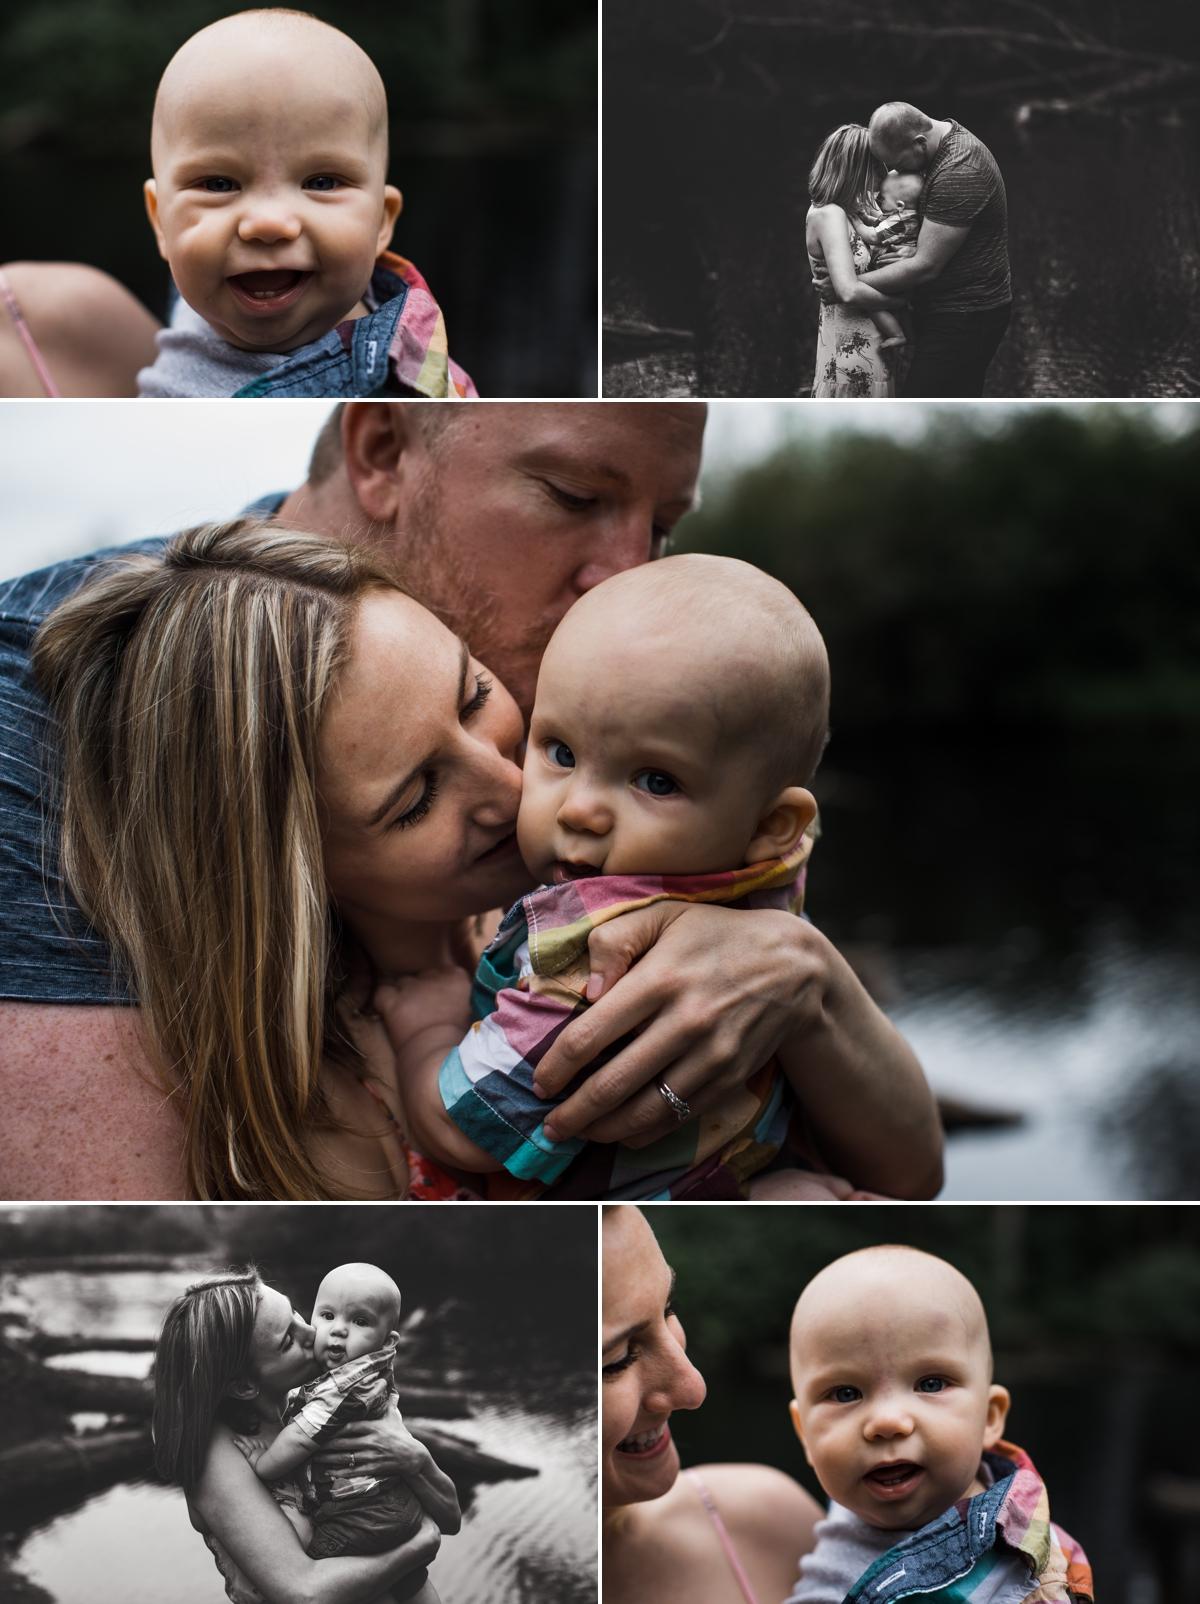 elena s blair seattle lifestyle family photographer 10.jpg